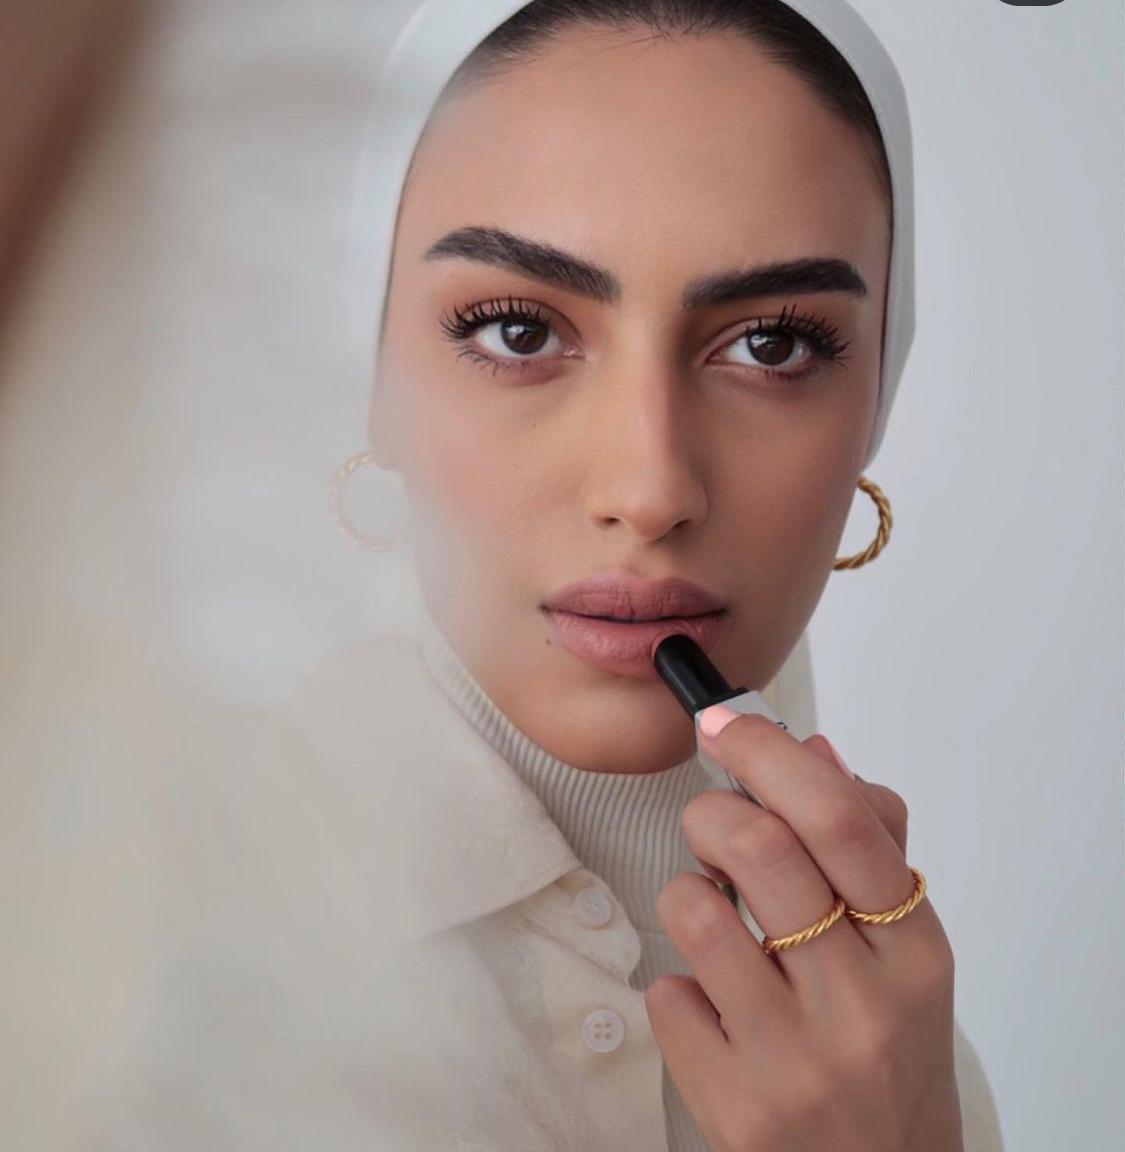 المكياج الترابي الناعم من يارا النملة -الصورة من حسابها على الانستغرام